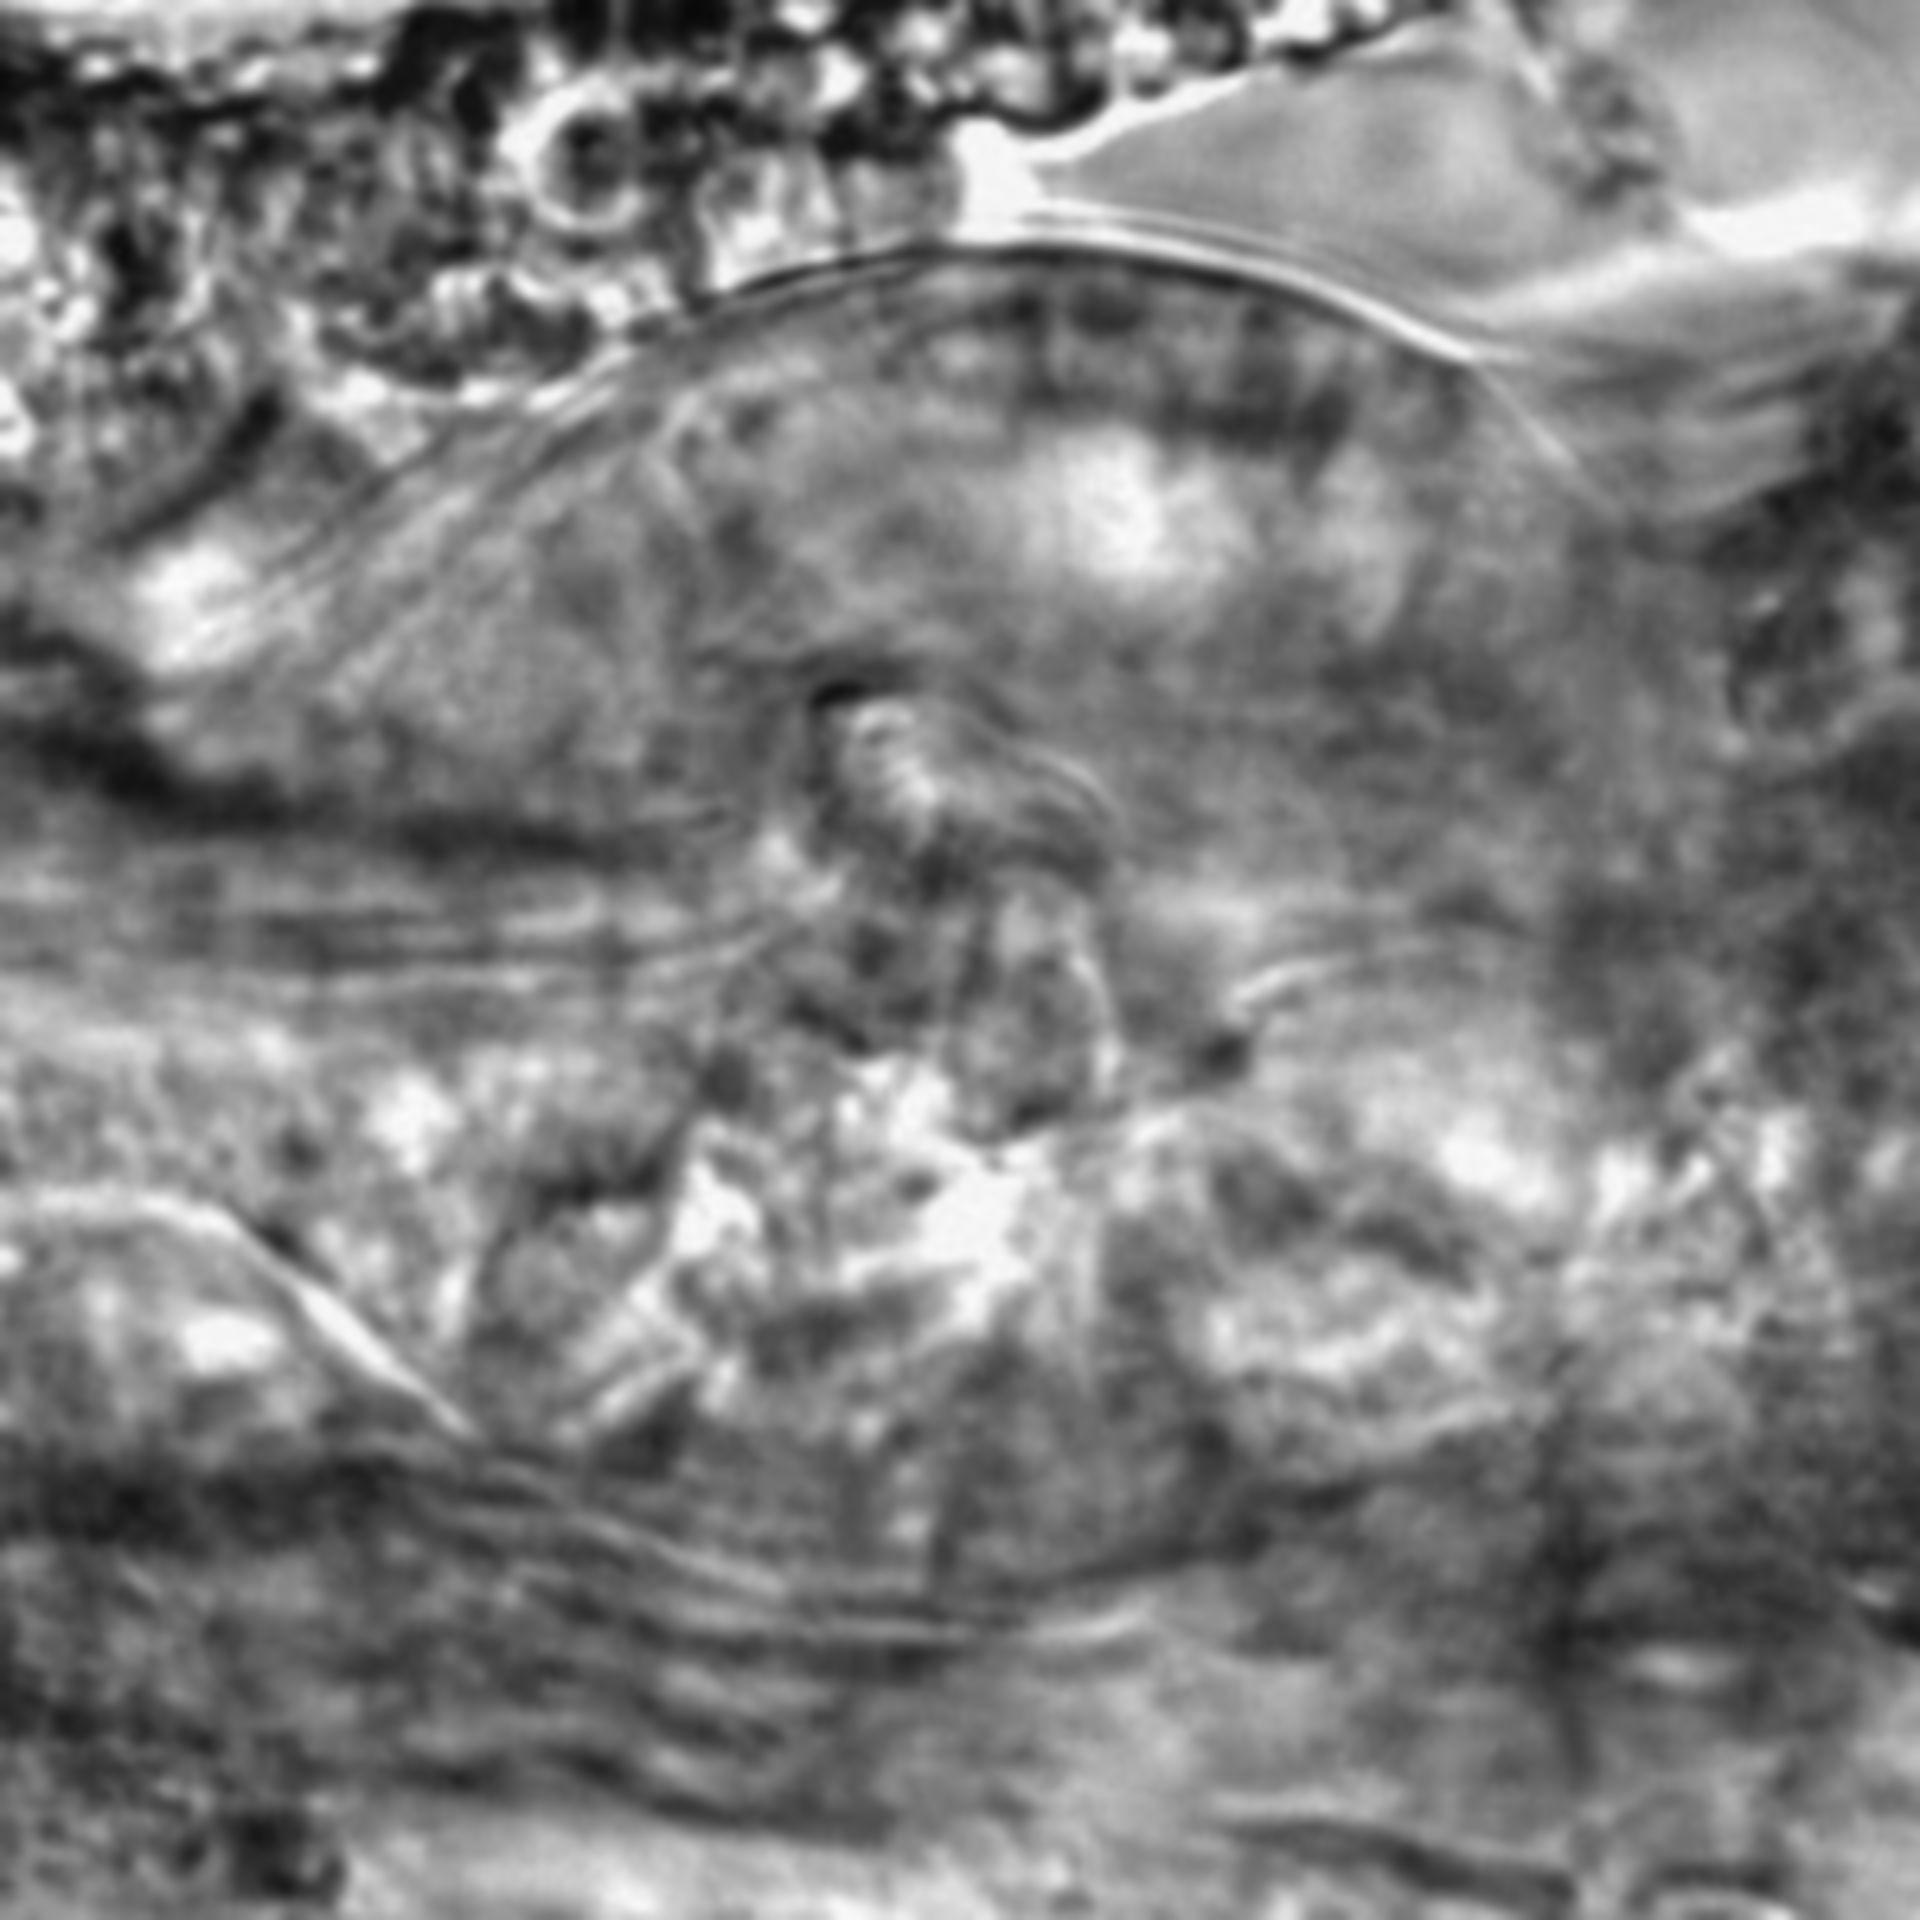 Caenorhabditis elegans - CIL:2176